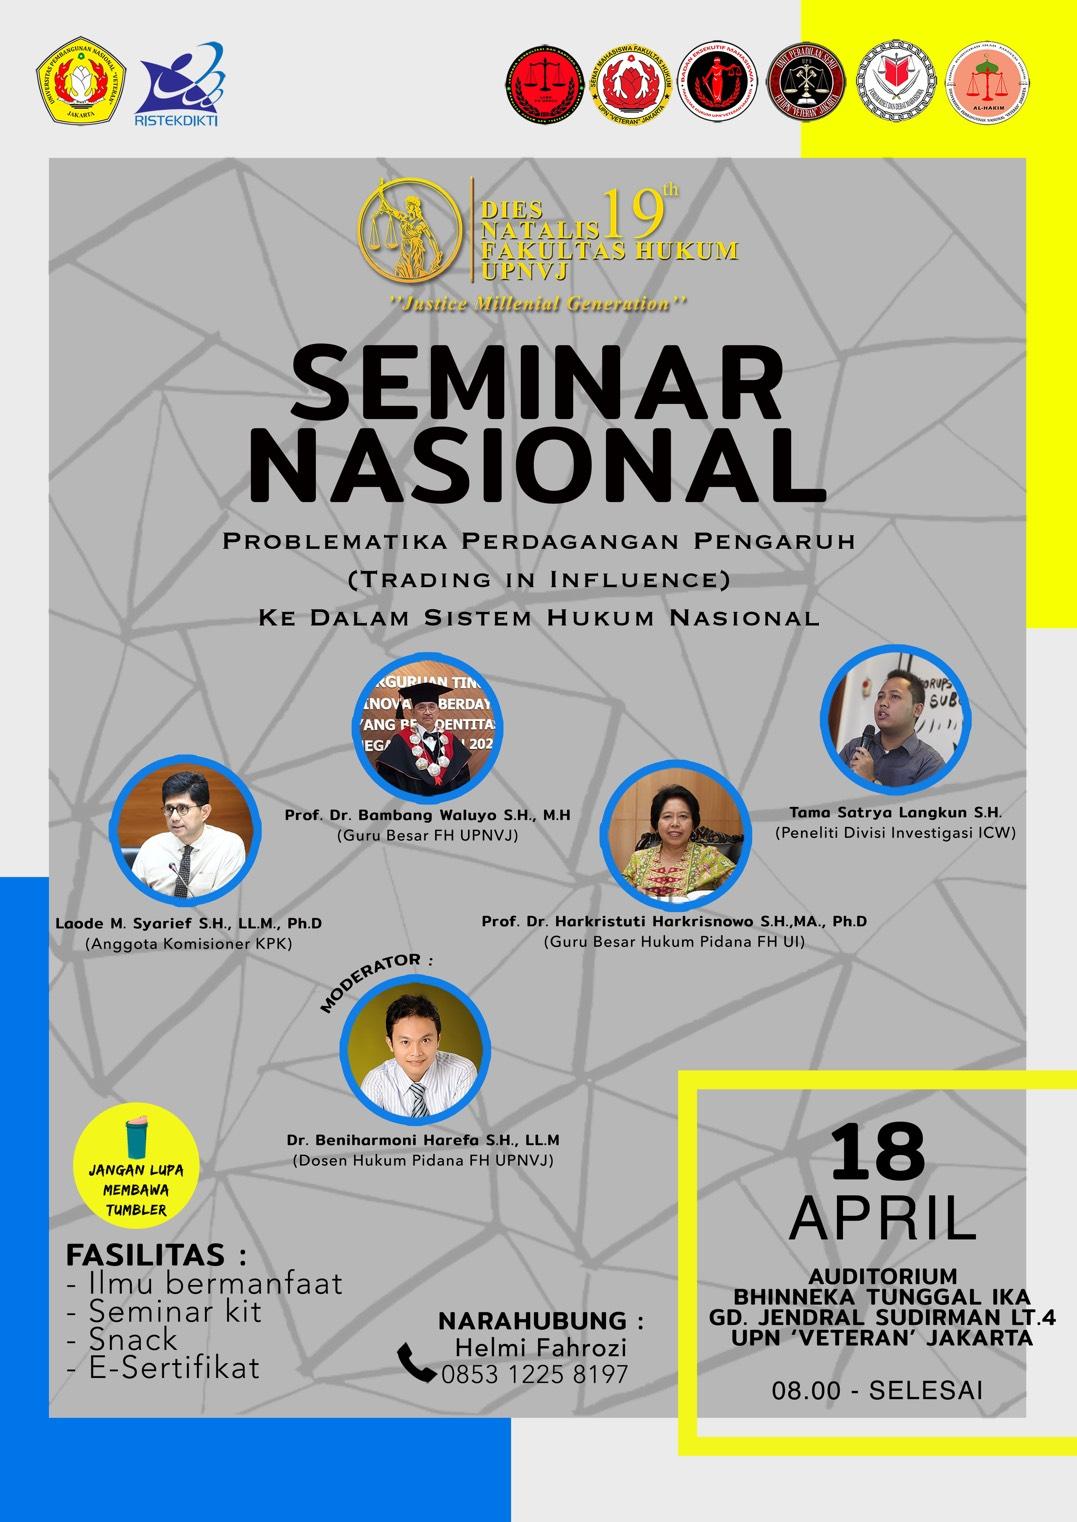 """Seminar Nasional Fakultas Hukum UPNVJ 2019 """"Problematika Perdagangan Pengaruh (Trading In Influence) Ke Dalam Sistem Hukum Nasional"""